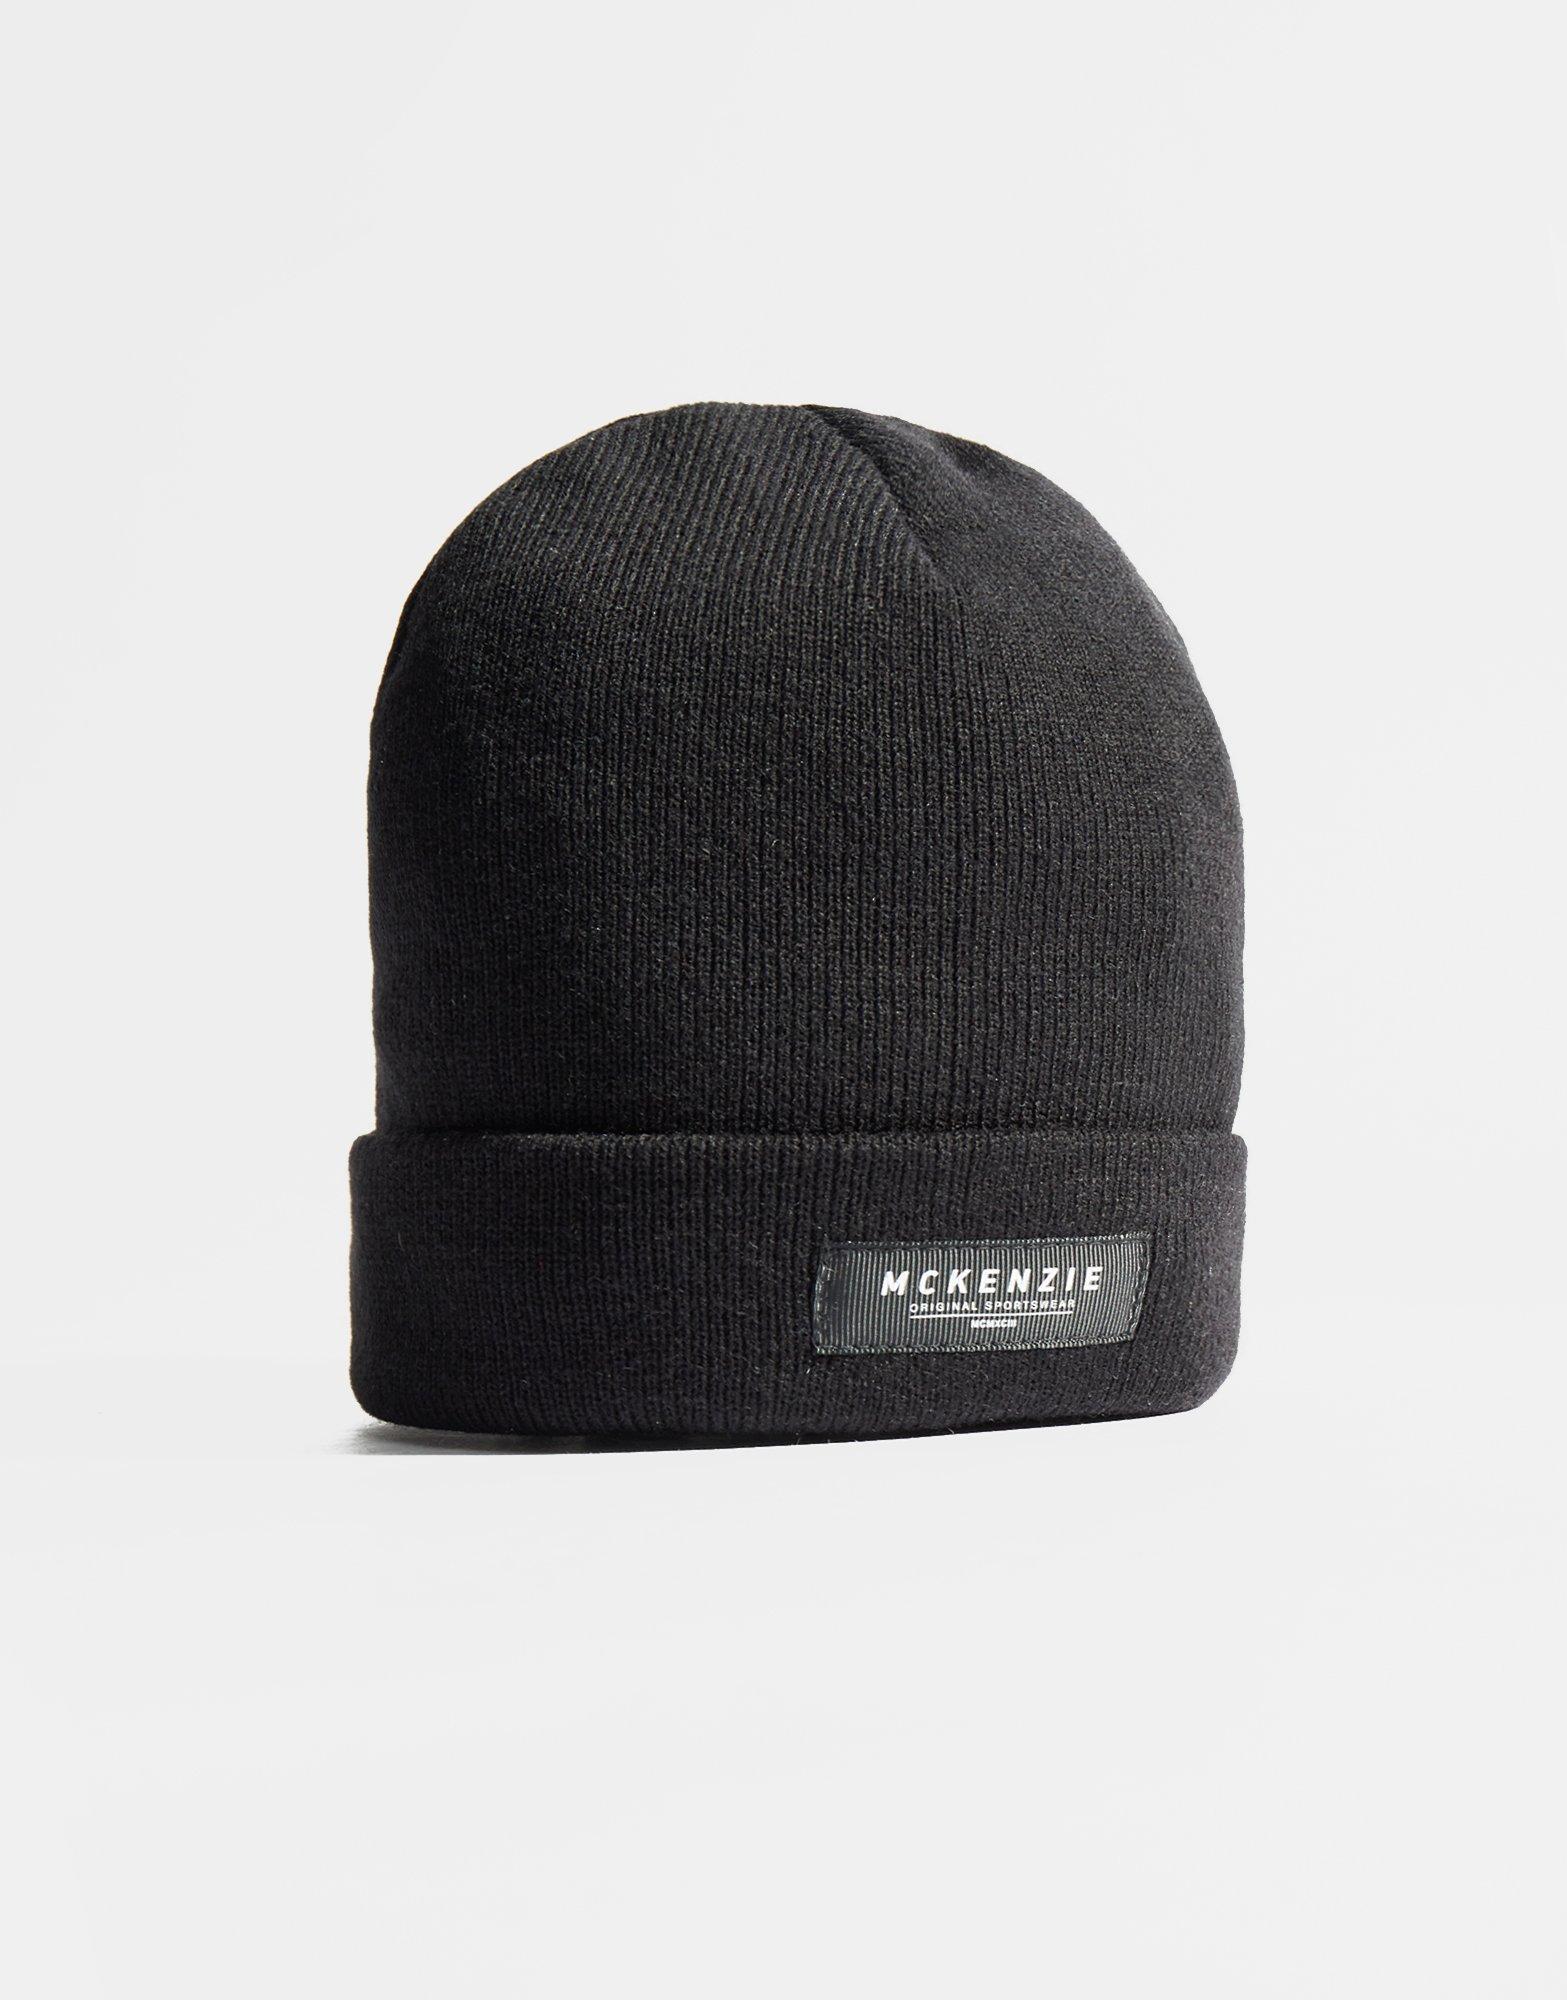 acf0bab9 Mckenzie cirrus cuff hat offers at the best price online - Stantap ...